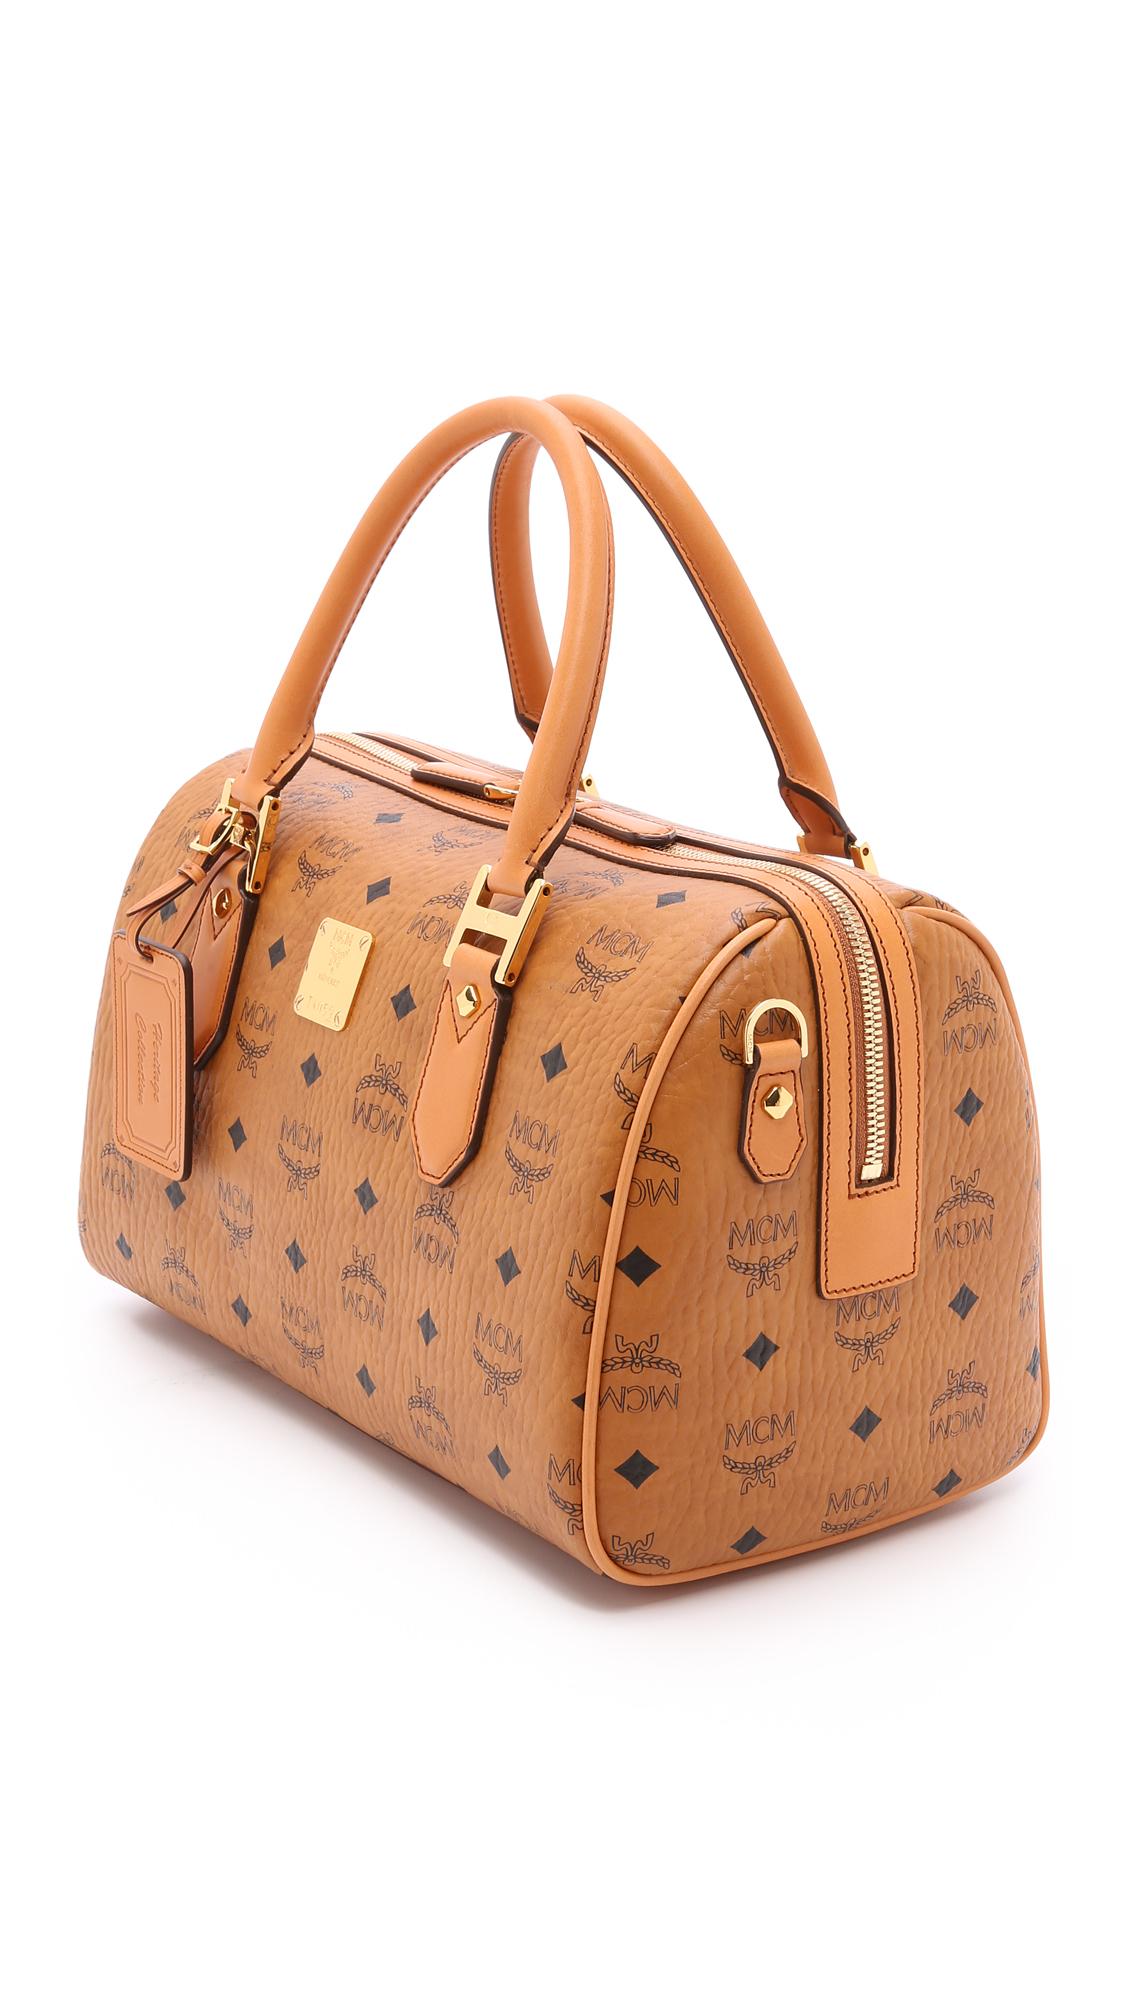 mcm doctor bag price of mcm backpack. Black Bedroom Furniture Sets. Home Design Ideas